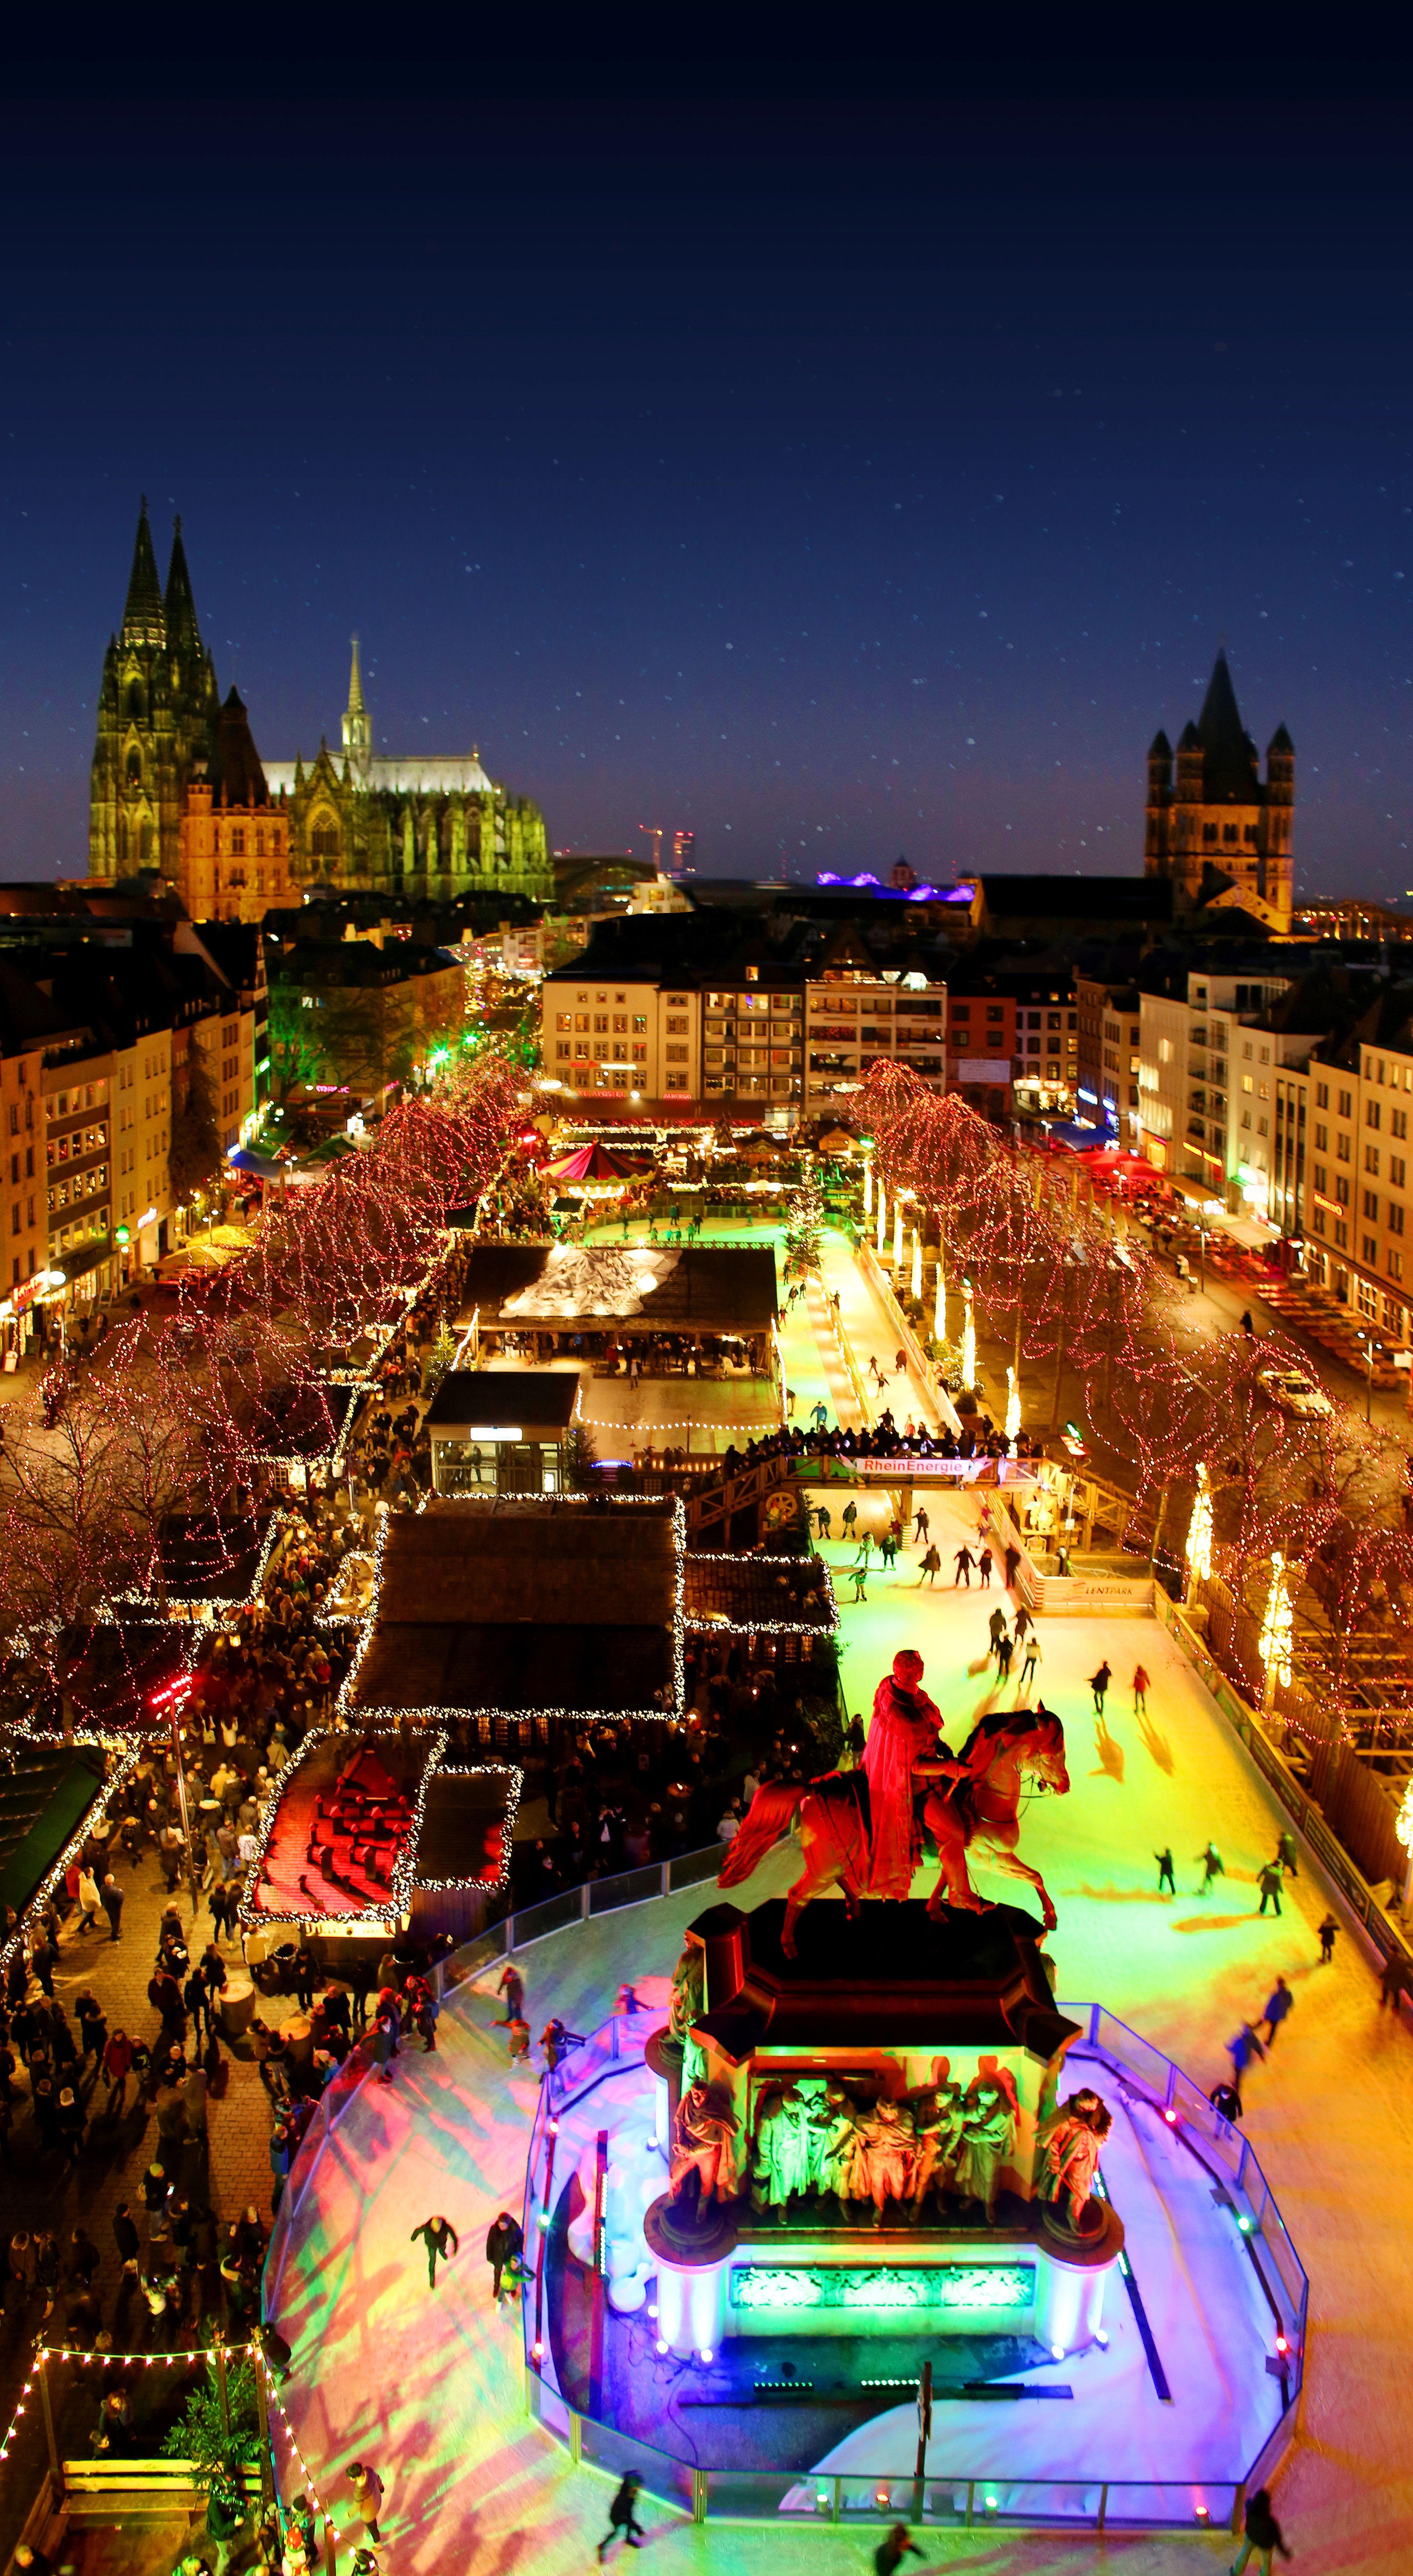 Wo Ist Der Größte Weihnachtsmarkt.Weihnachtsmarkt Kölner Altstadt Wintermärchen In Der Heimat Der